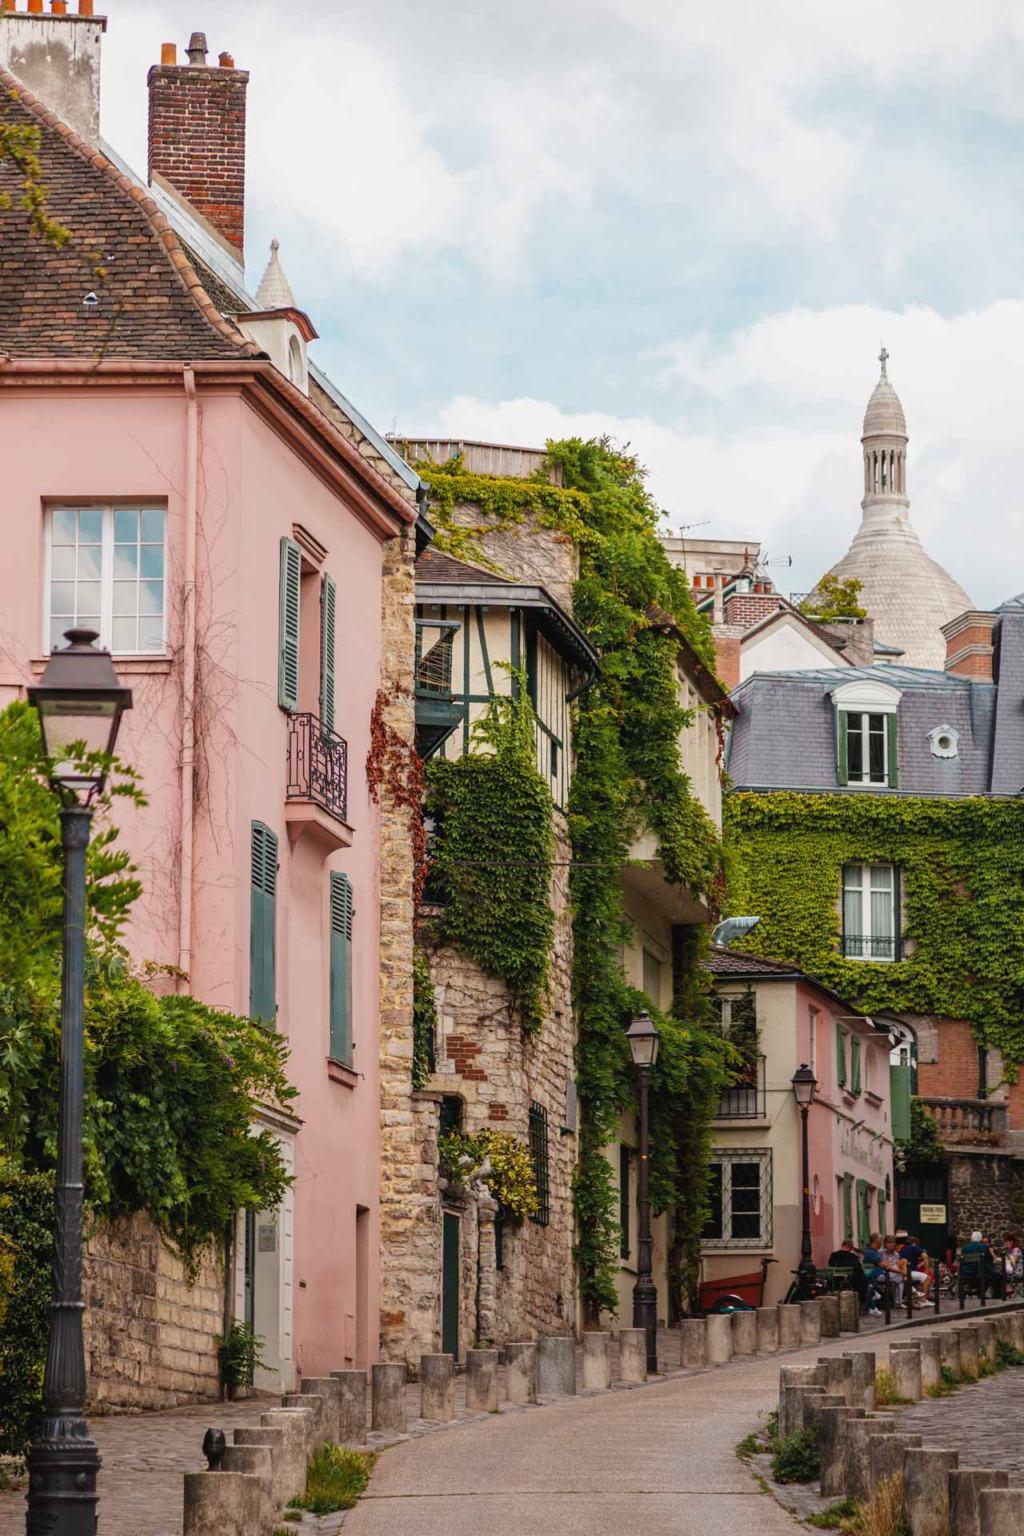 Rue de l'Abreuvoir, Sacré-Cœur, Montmartre, Paris